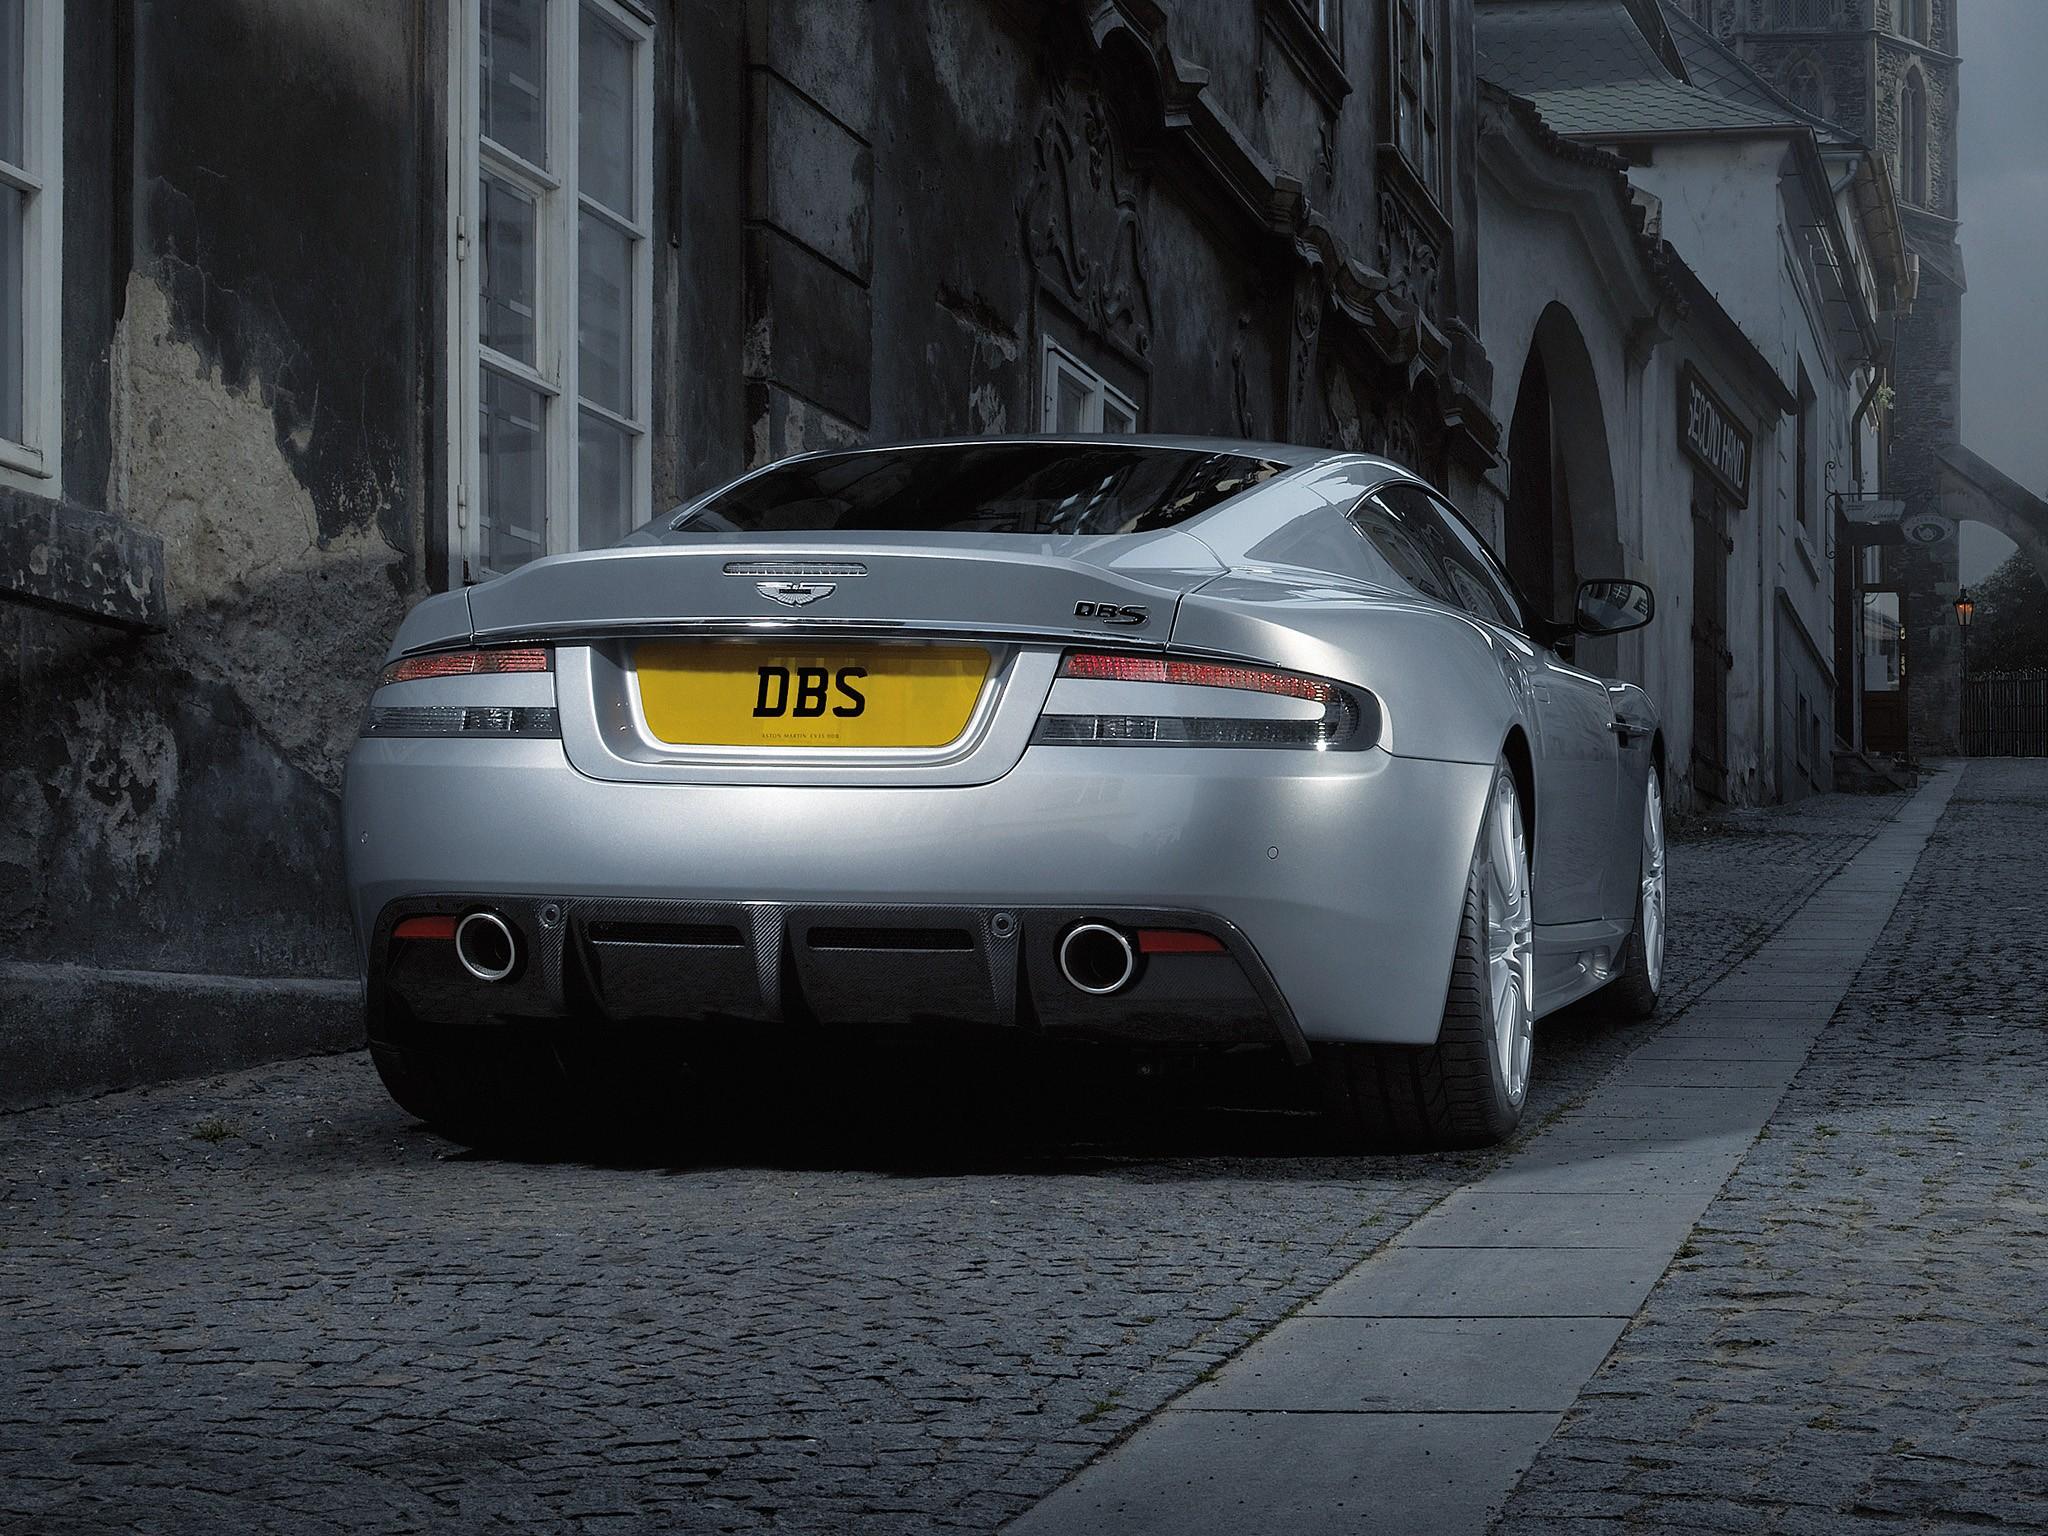 Aston Martin Dbs Specs Photos 2008 2009 2010 2011